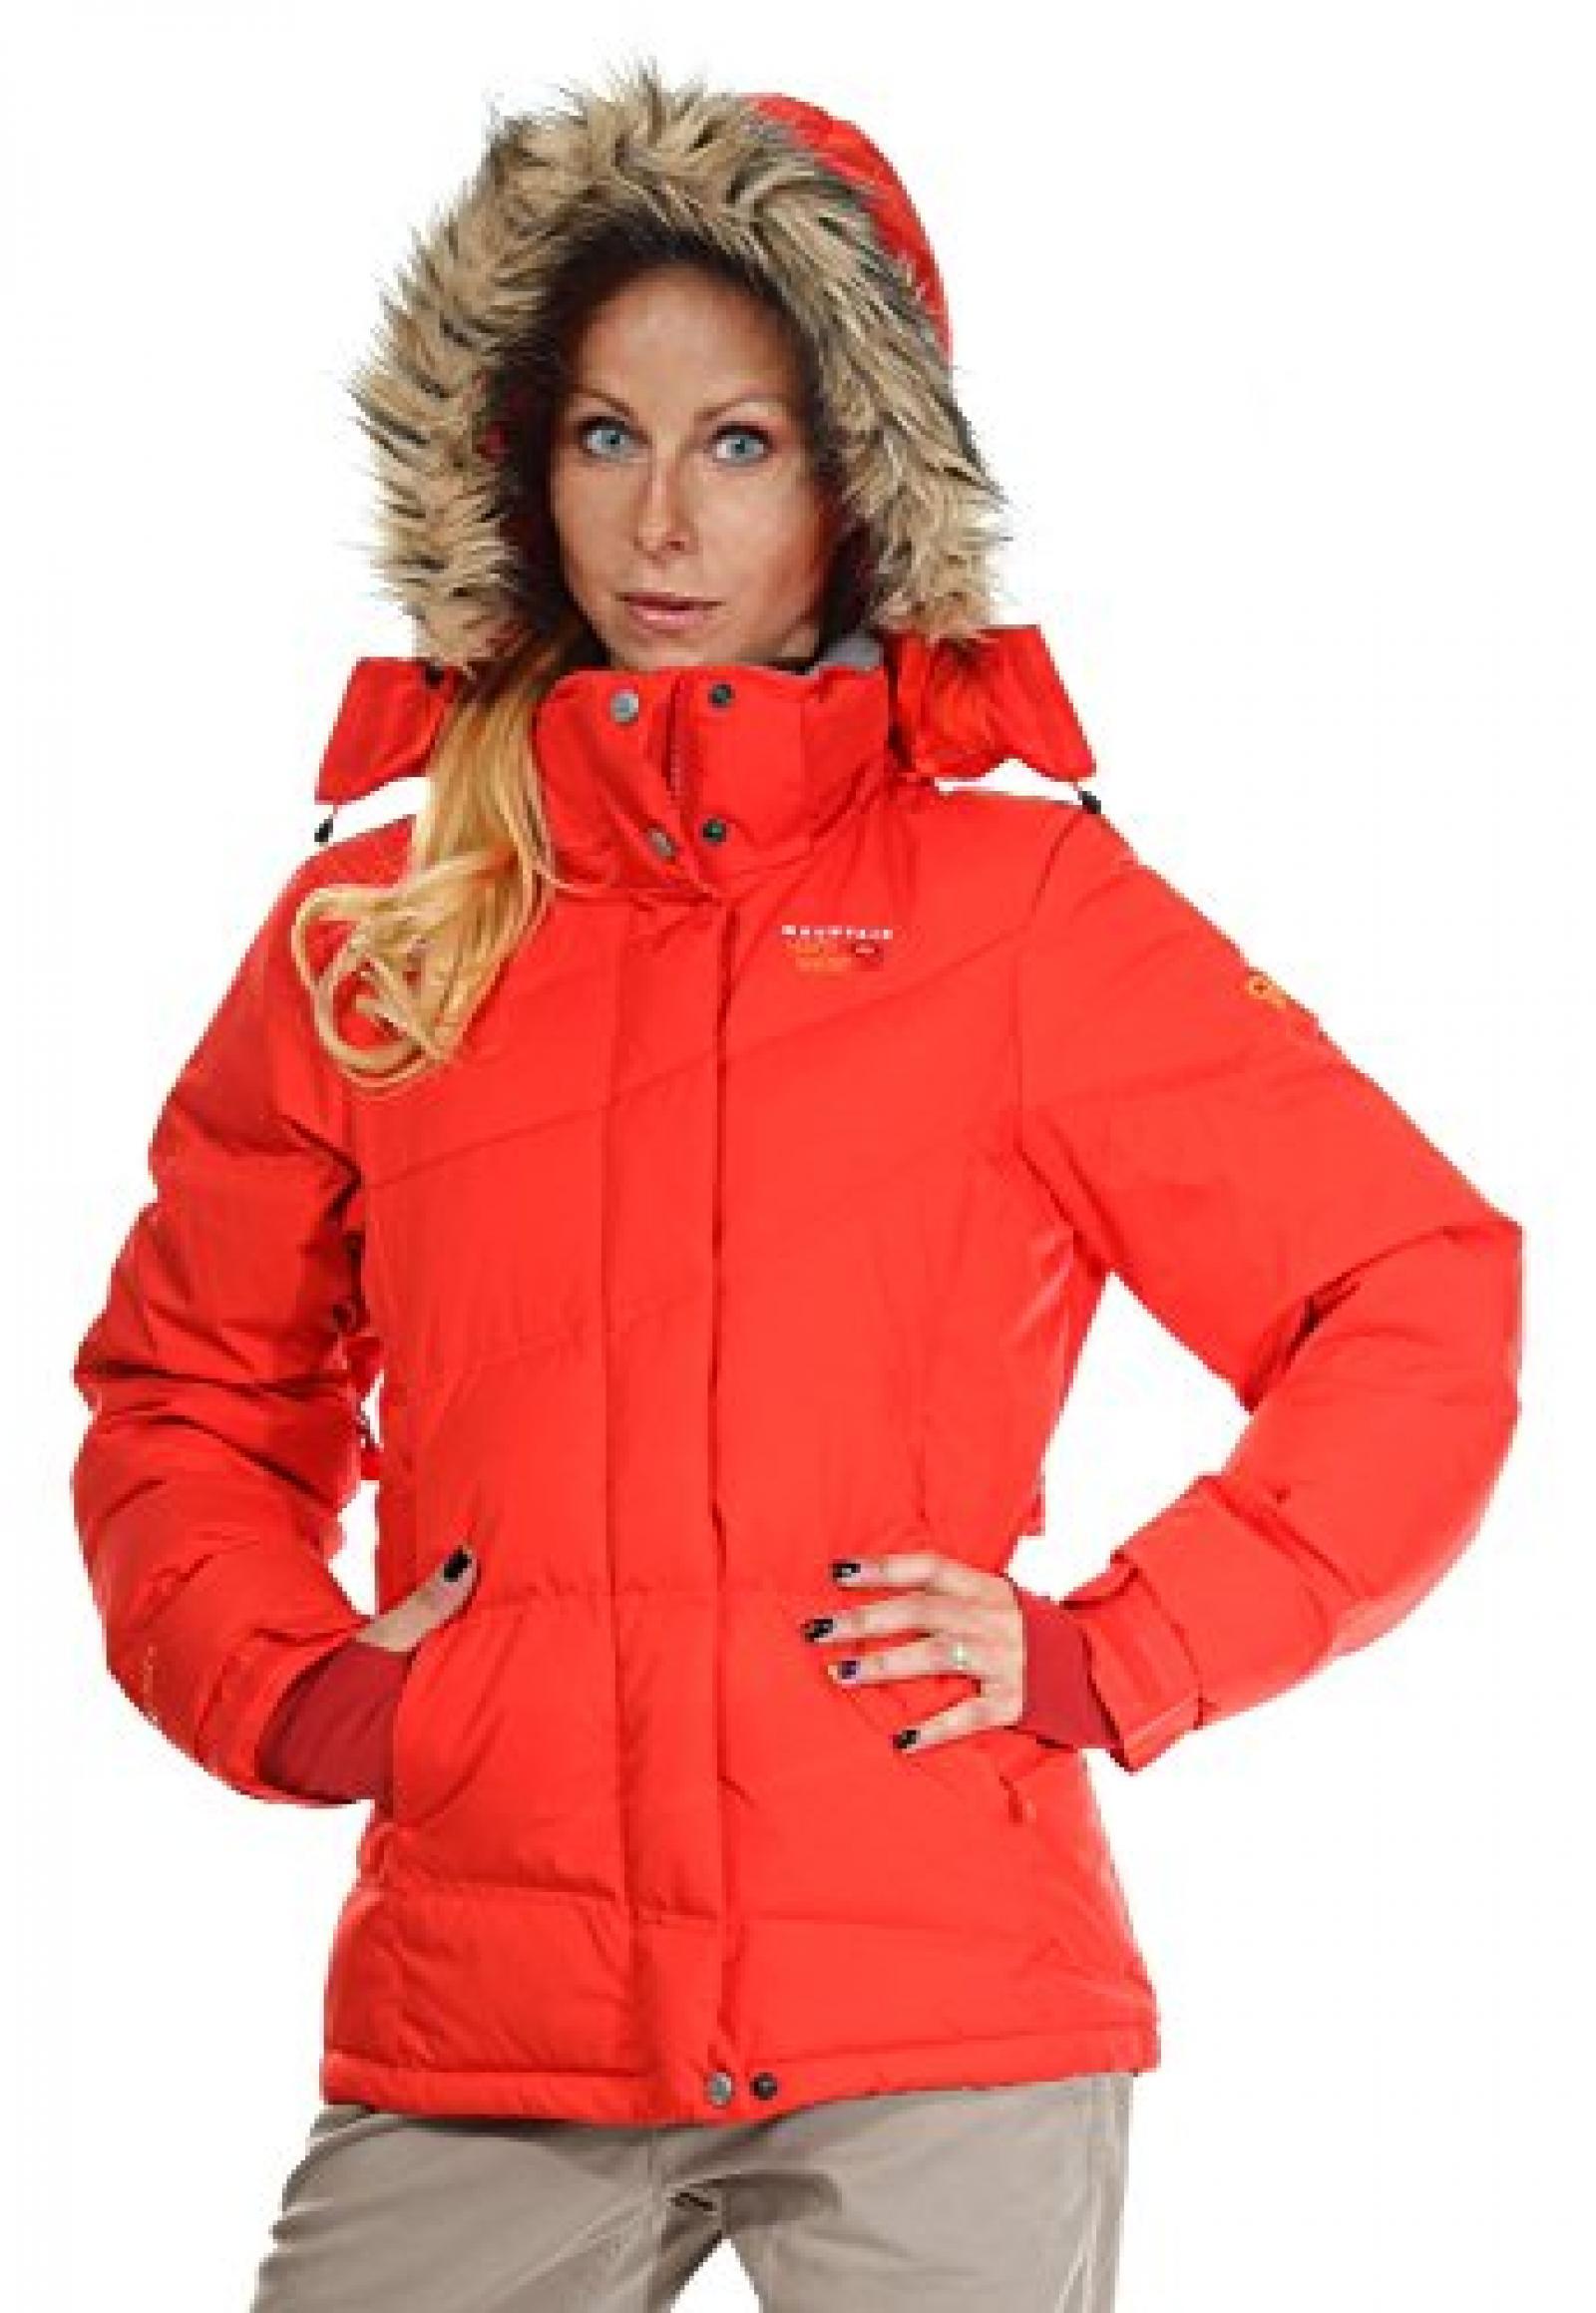 Mountain Hardwear Damen Daunenjacke Rot Downhill Ski Parka 1017830